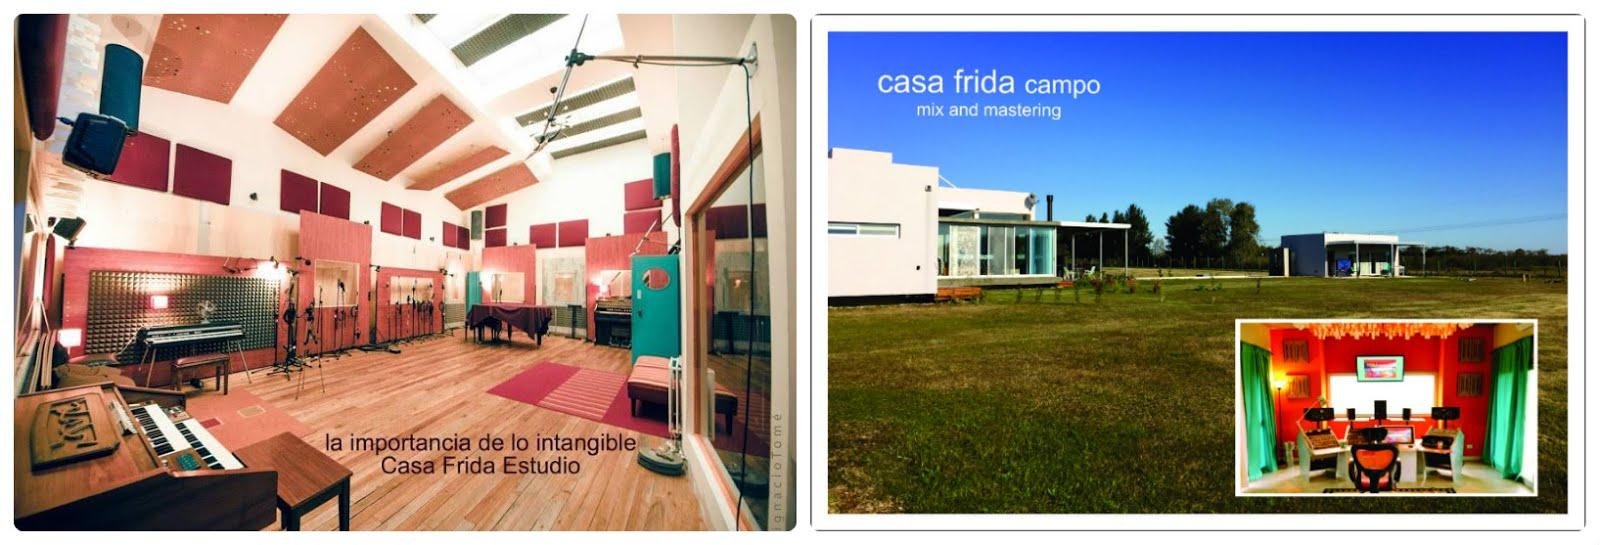 ahora también Casa Frida Estudio Mix and Mastering Campo